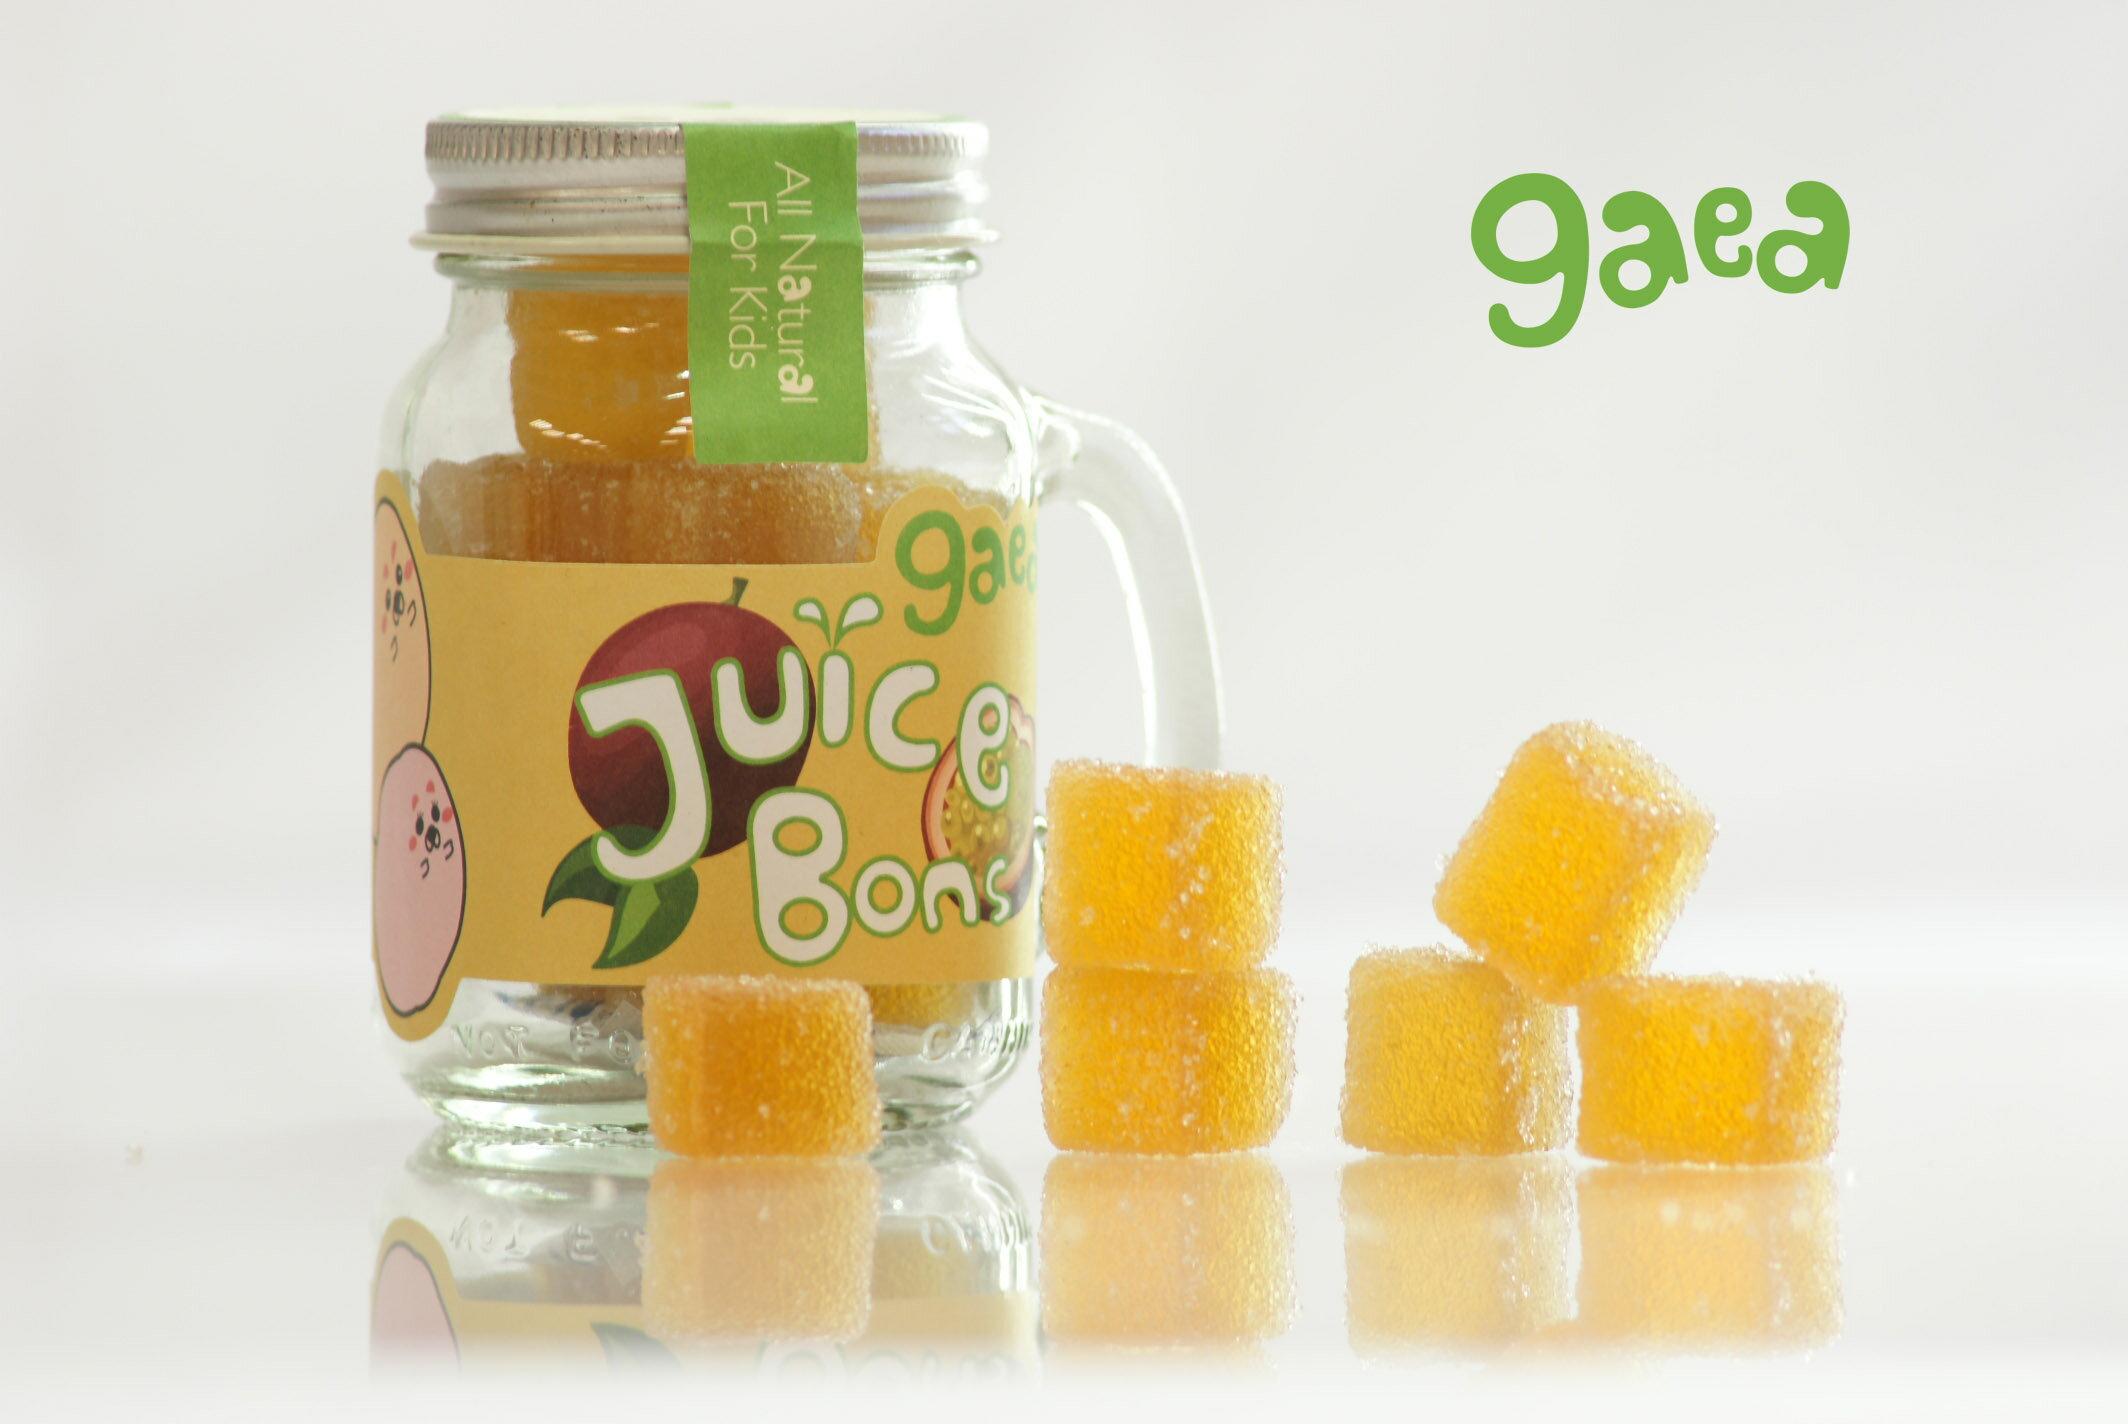 吉芽法式軟糖-百香果 + 天然 + 零食